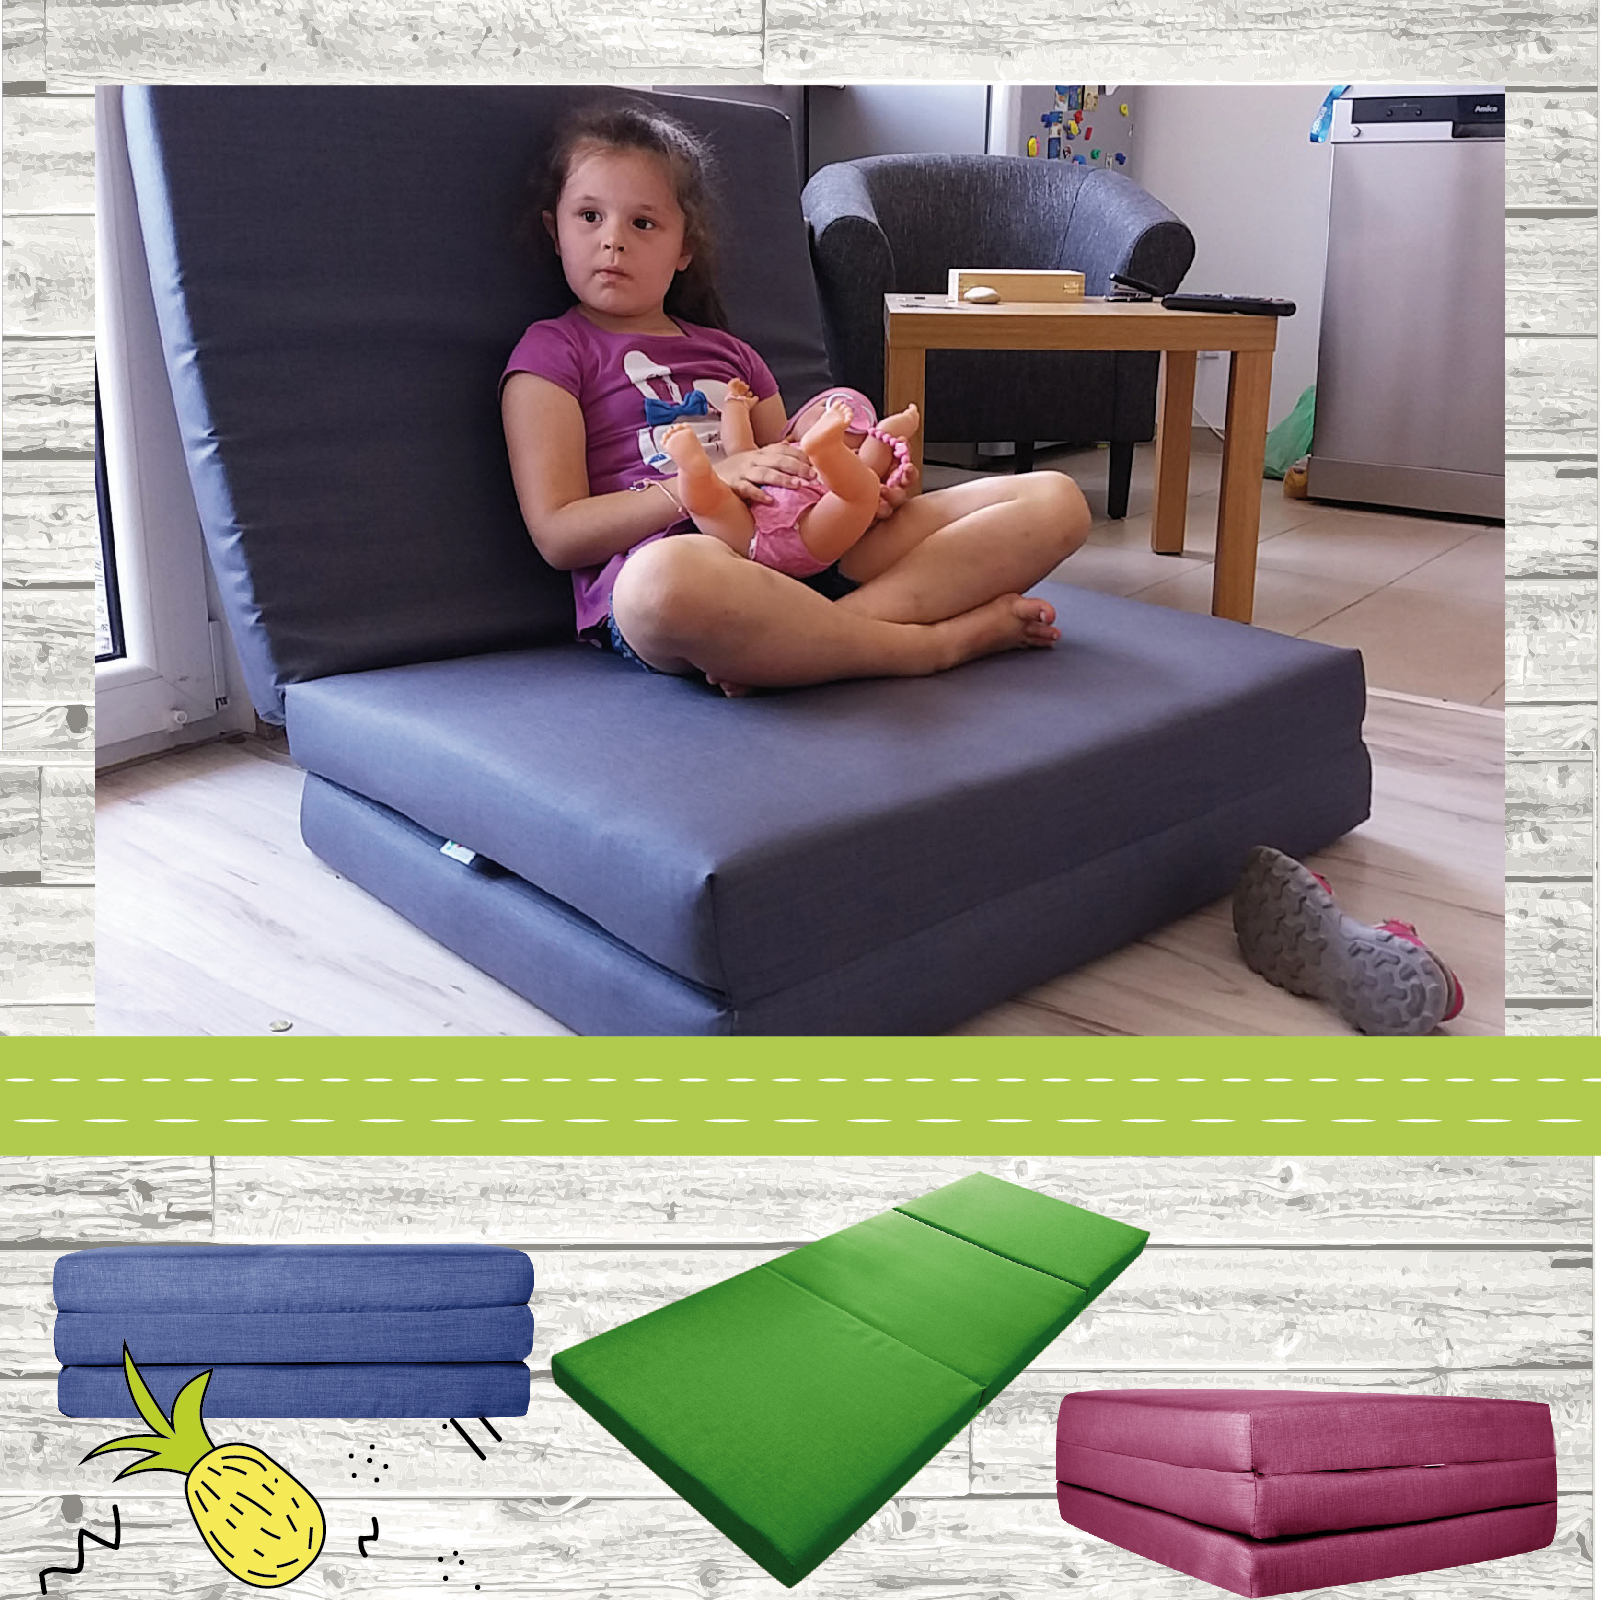 klappmatratze t7 faltmatratze g stematratze g stebett. Black Bedroom Furniture Sets. Home Design Ideas